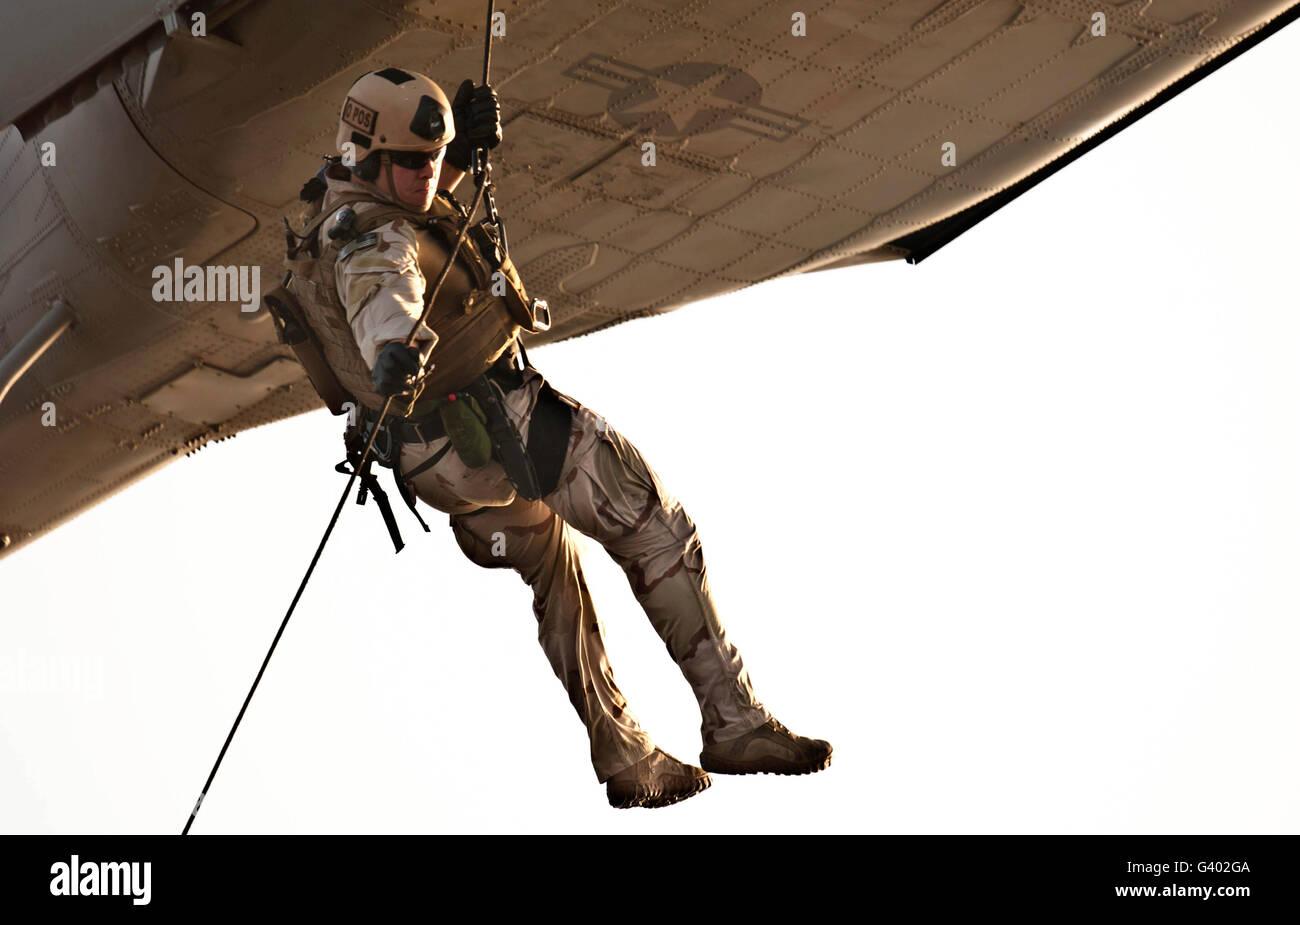 Un soldato rappels da un MH-60S Knighthawk elicottero. Immagini Stock